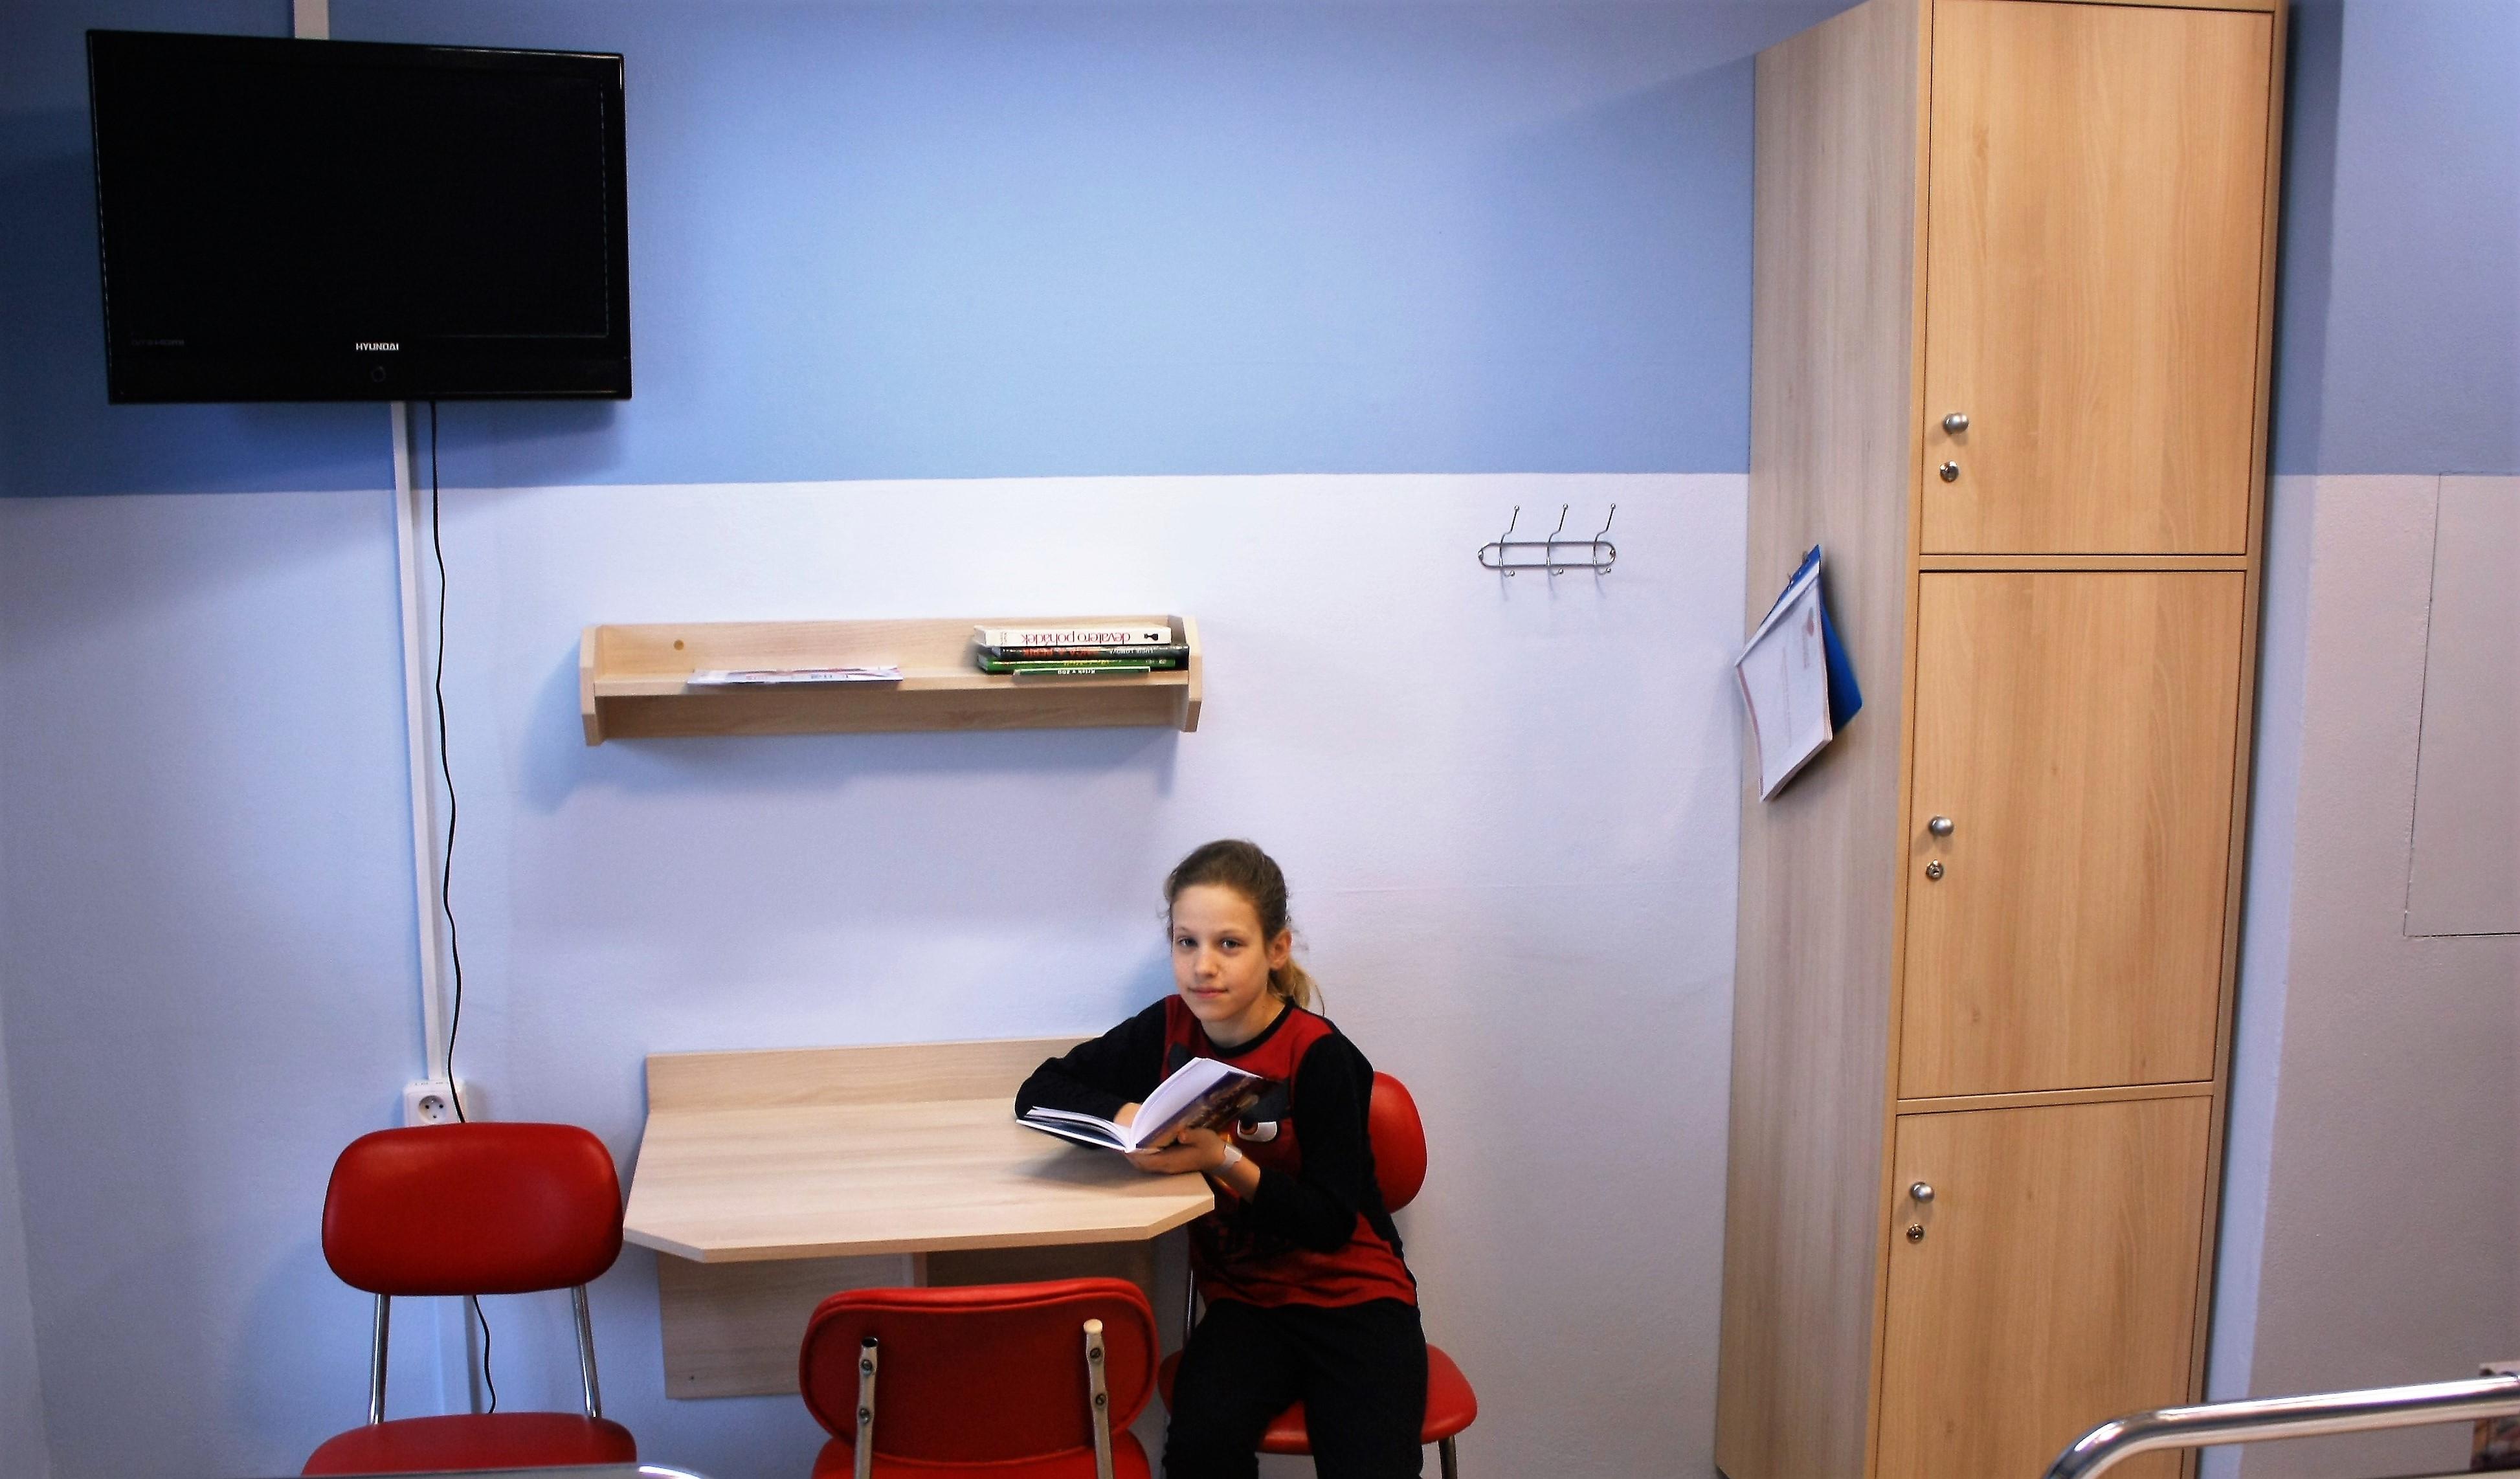 Na malé pacienty čeká na každém zrekonstruovaném pokoji nejen nový moderní nábytek, ale třeba i velký LCD televizor foto: T. Bulková, Nemocnice Šumperk